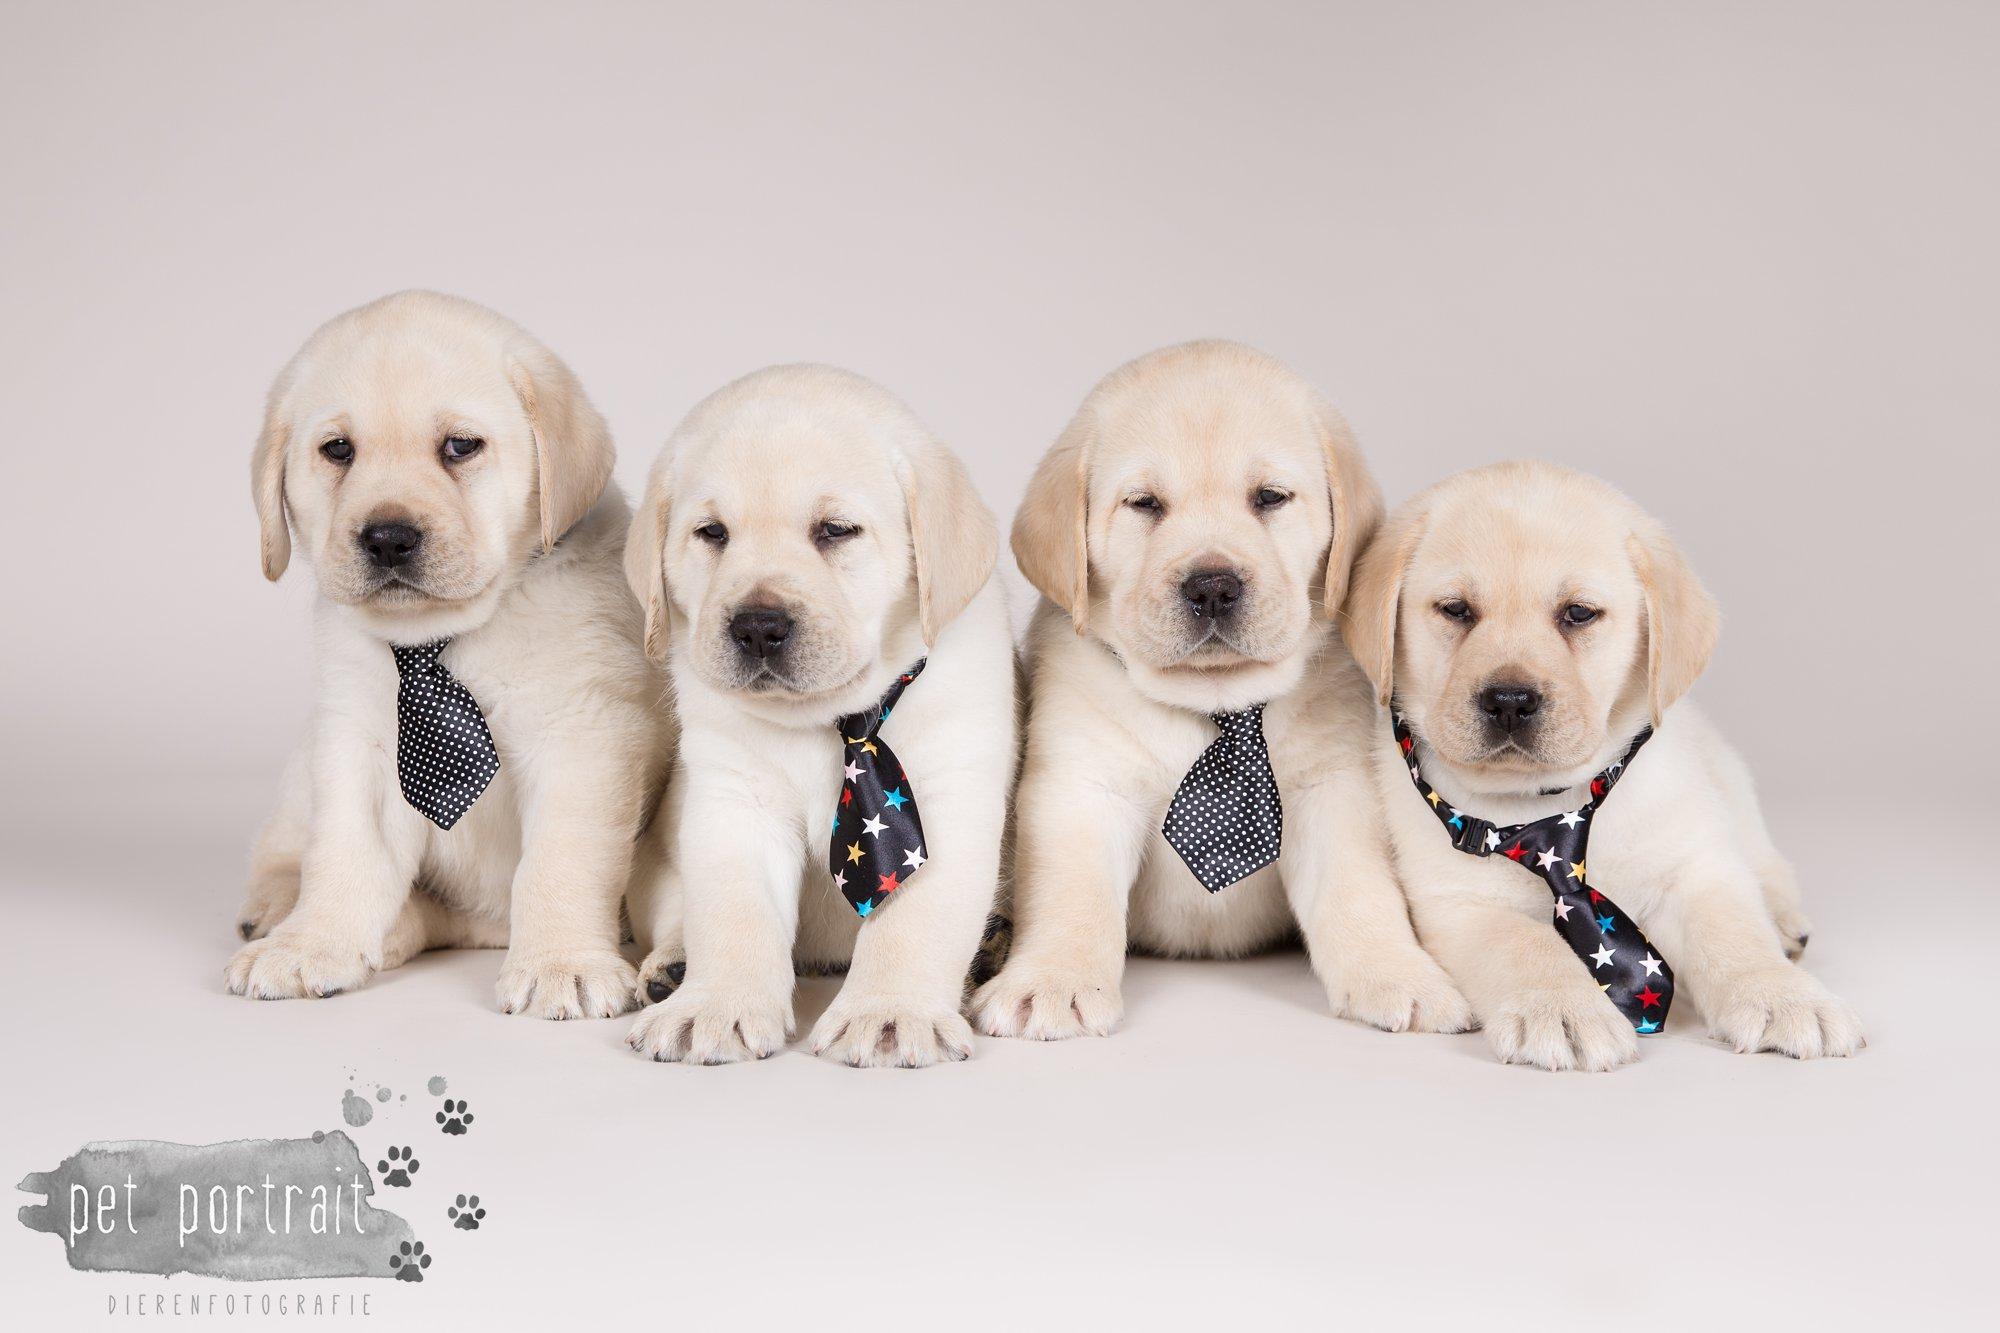 Hondenfotograaf Hillegom - Nestfotoshoot voor Labrador pups-23